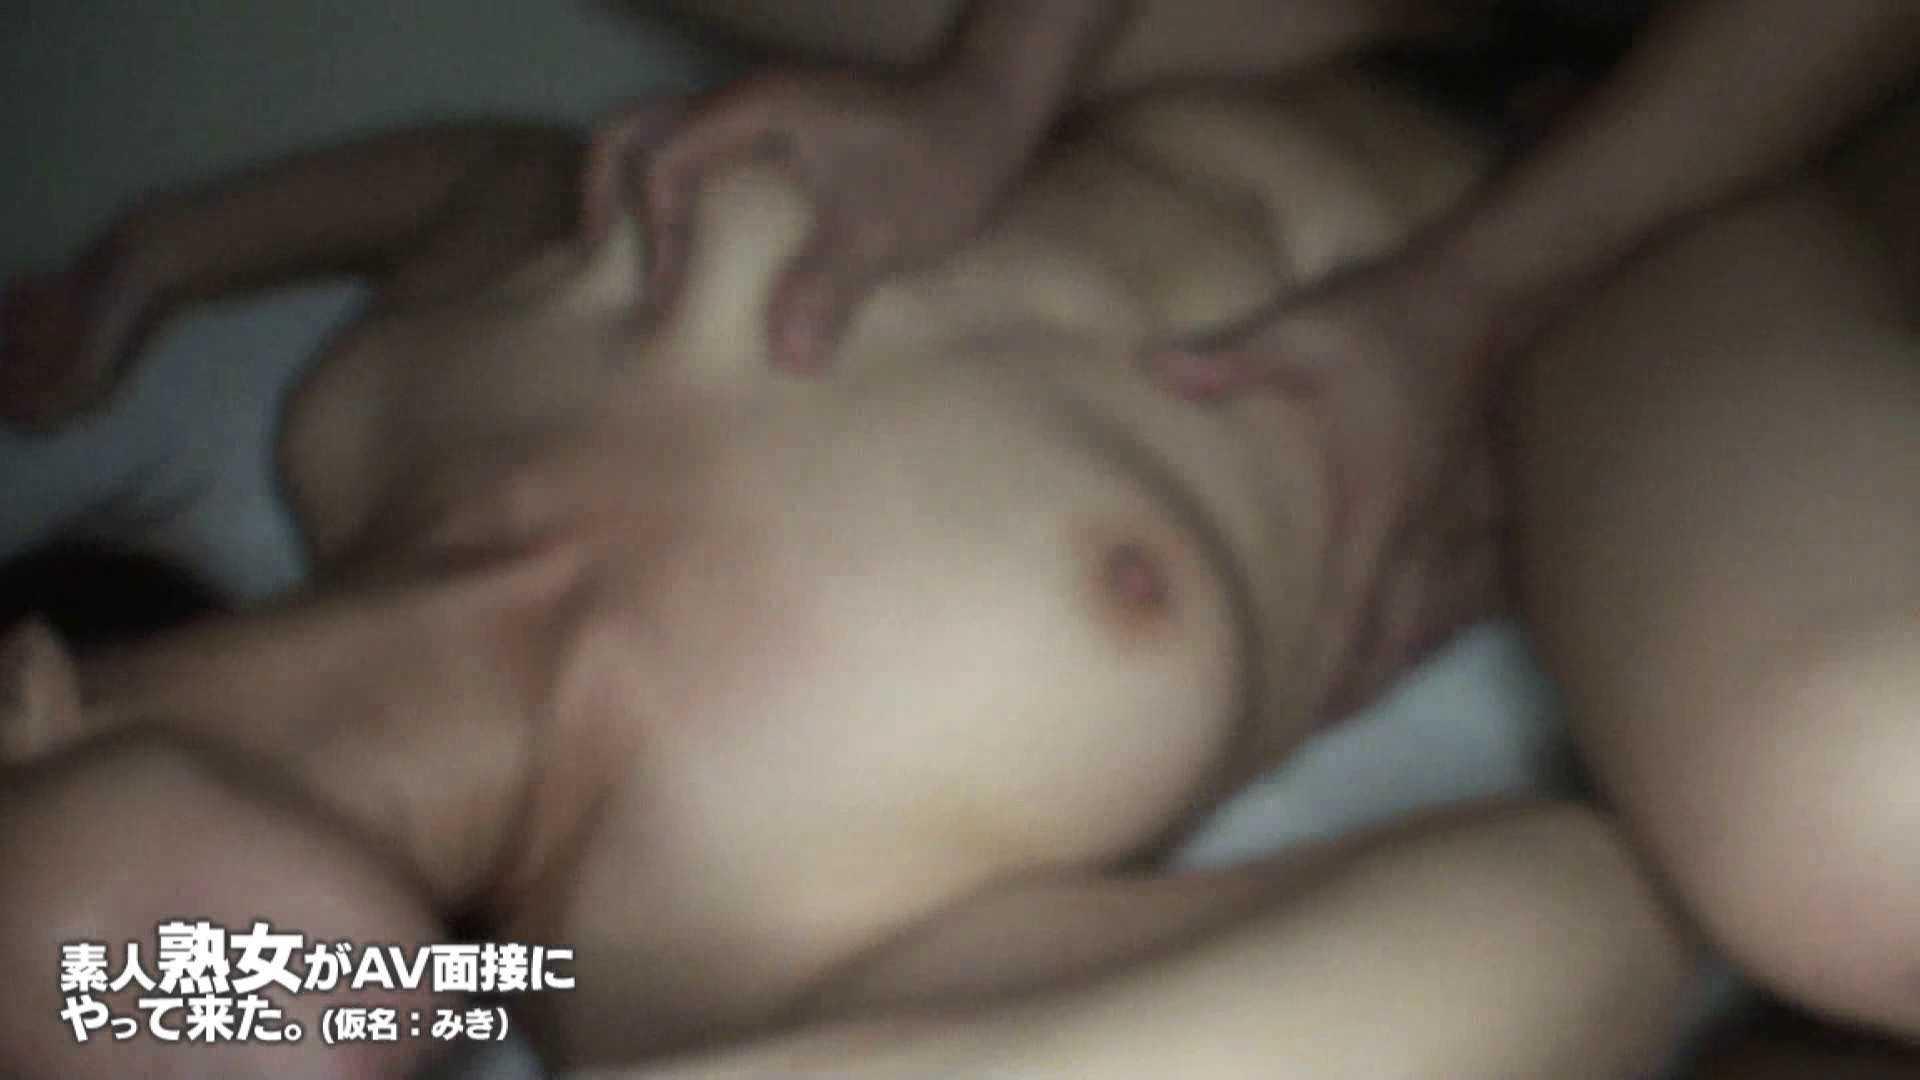 素人熟女がAV面接にやってきた (熟女)みきさんVOL.04(後編) 淫乱 AV無料動画キャプチャ 69pic 46